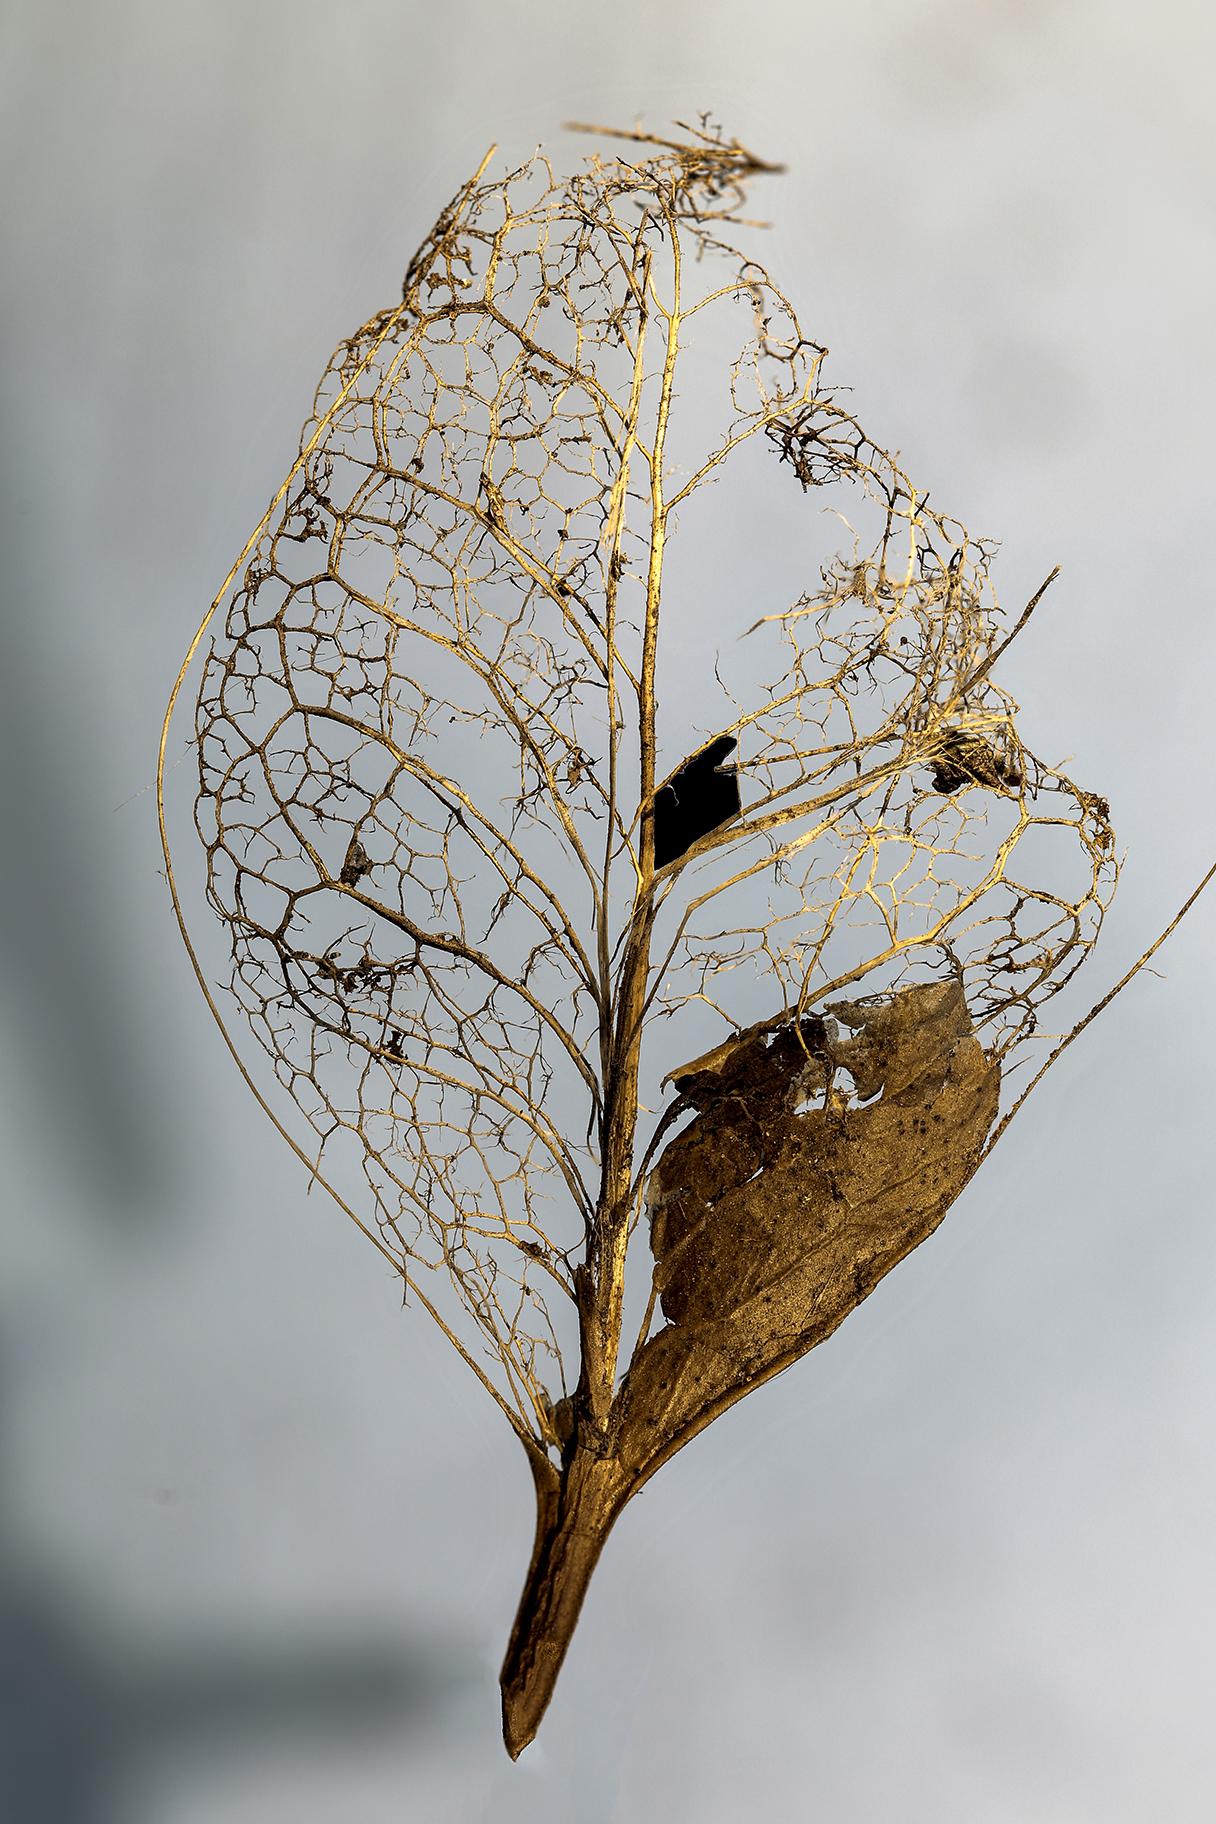 Commended DPI - Skeleton Leaf by John Cr